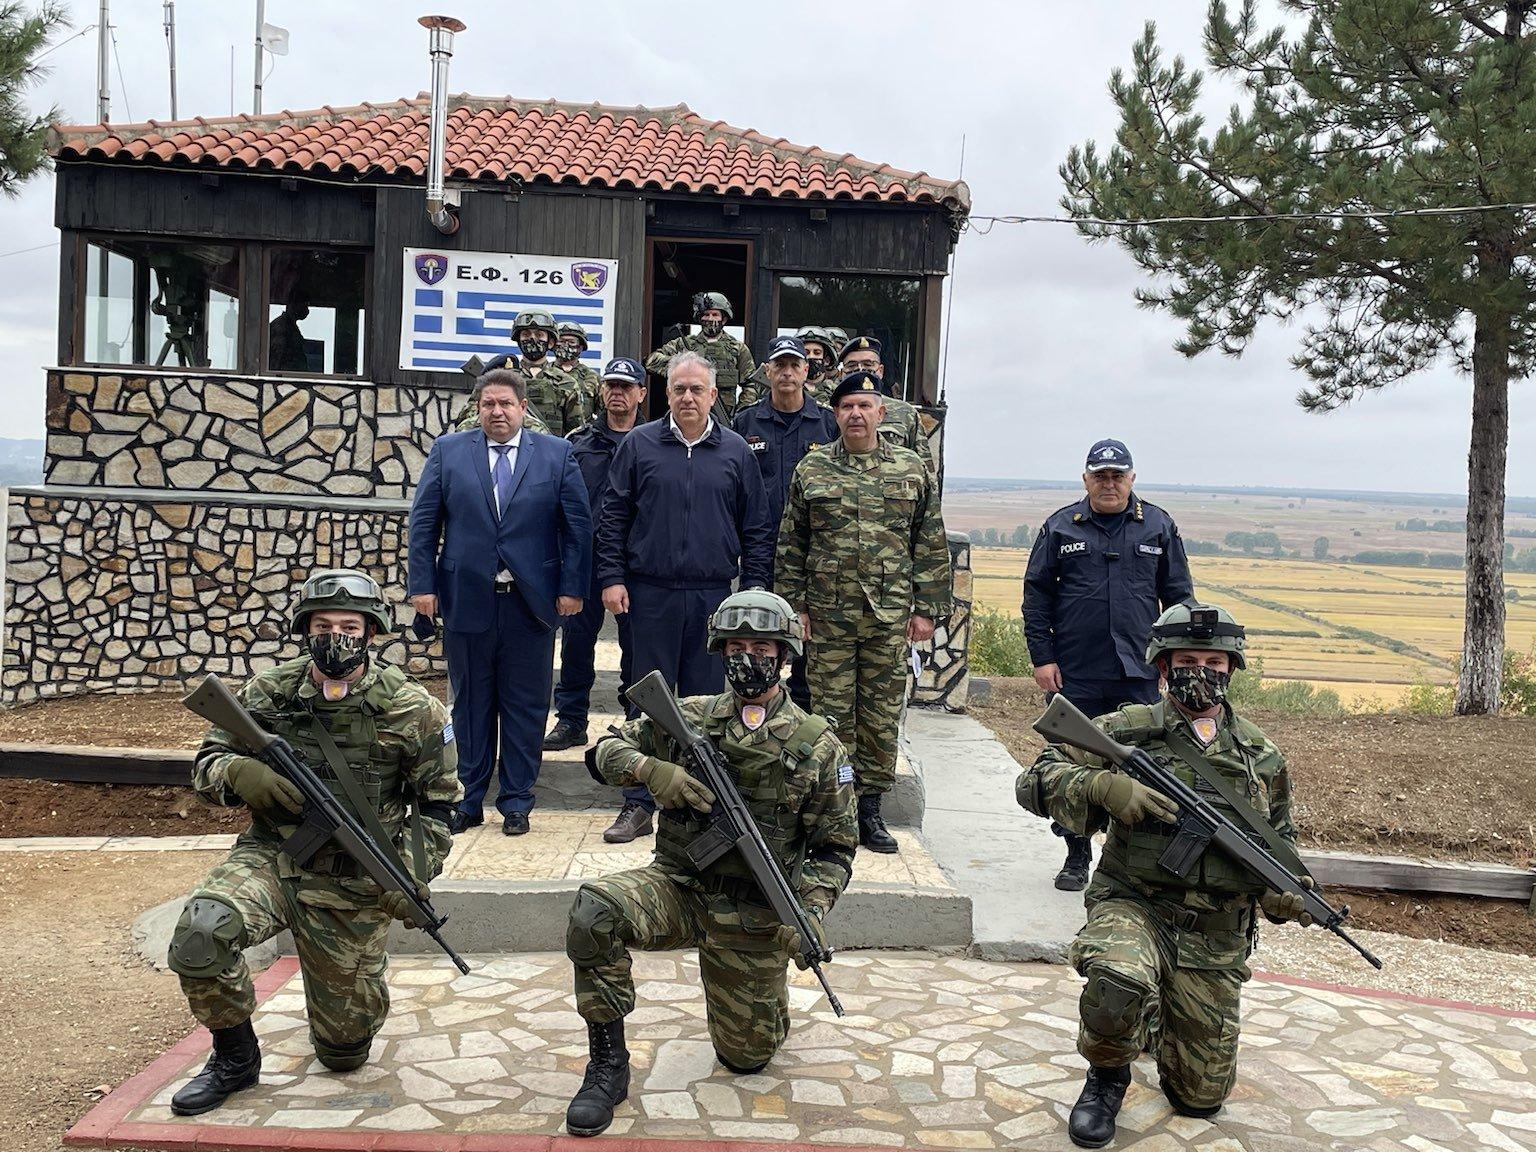 Τάκης Θεοδωρικάκος: Είμαστε σε απόλυτη ετοιμότητα, σε απόλυτη επαγρύπνηση – Ασφάλεια στα σύνορα, ασφάλεια σε όλη τη χώρα